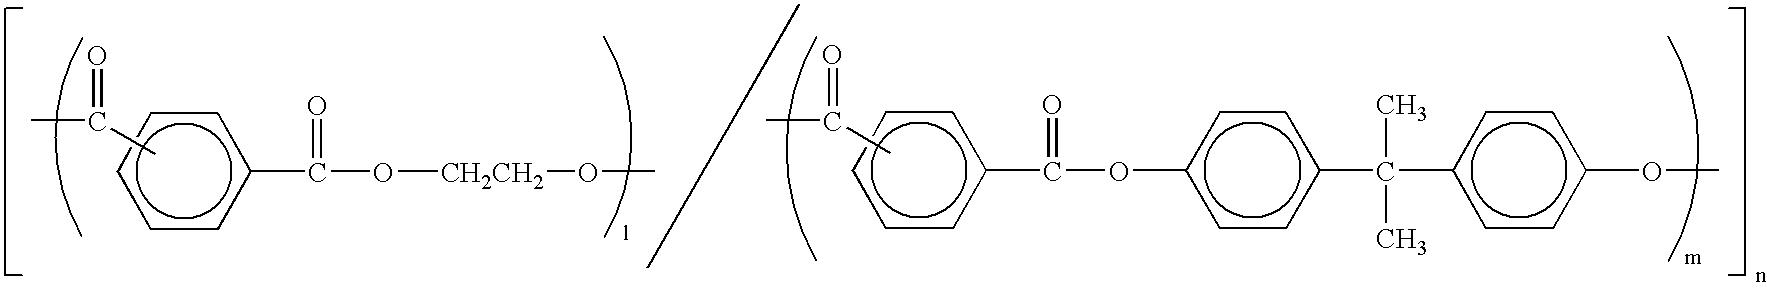 Figure US06936388-20050830-C00011